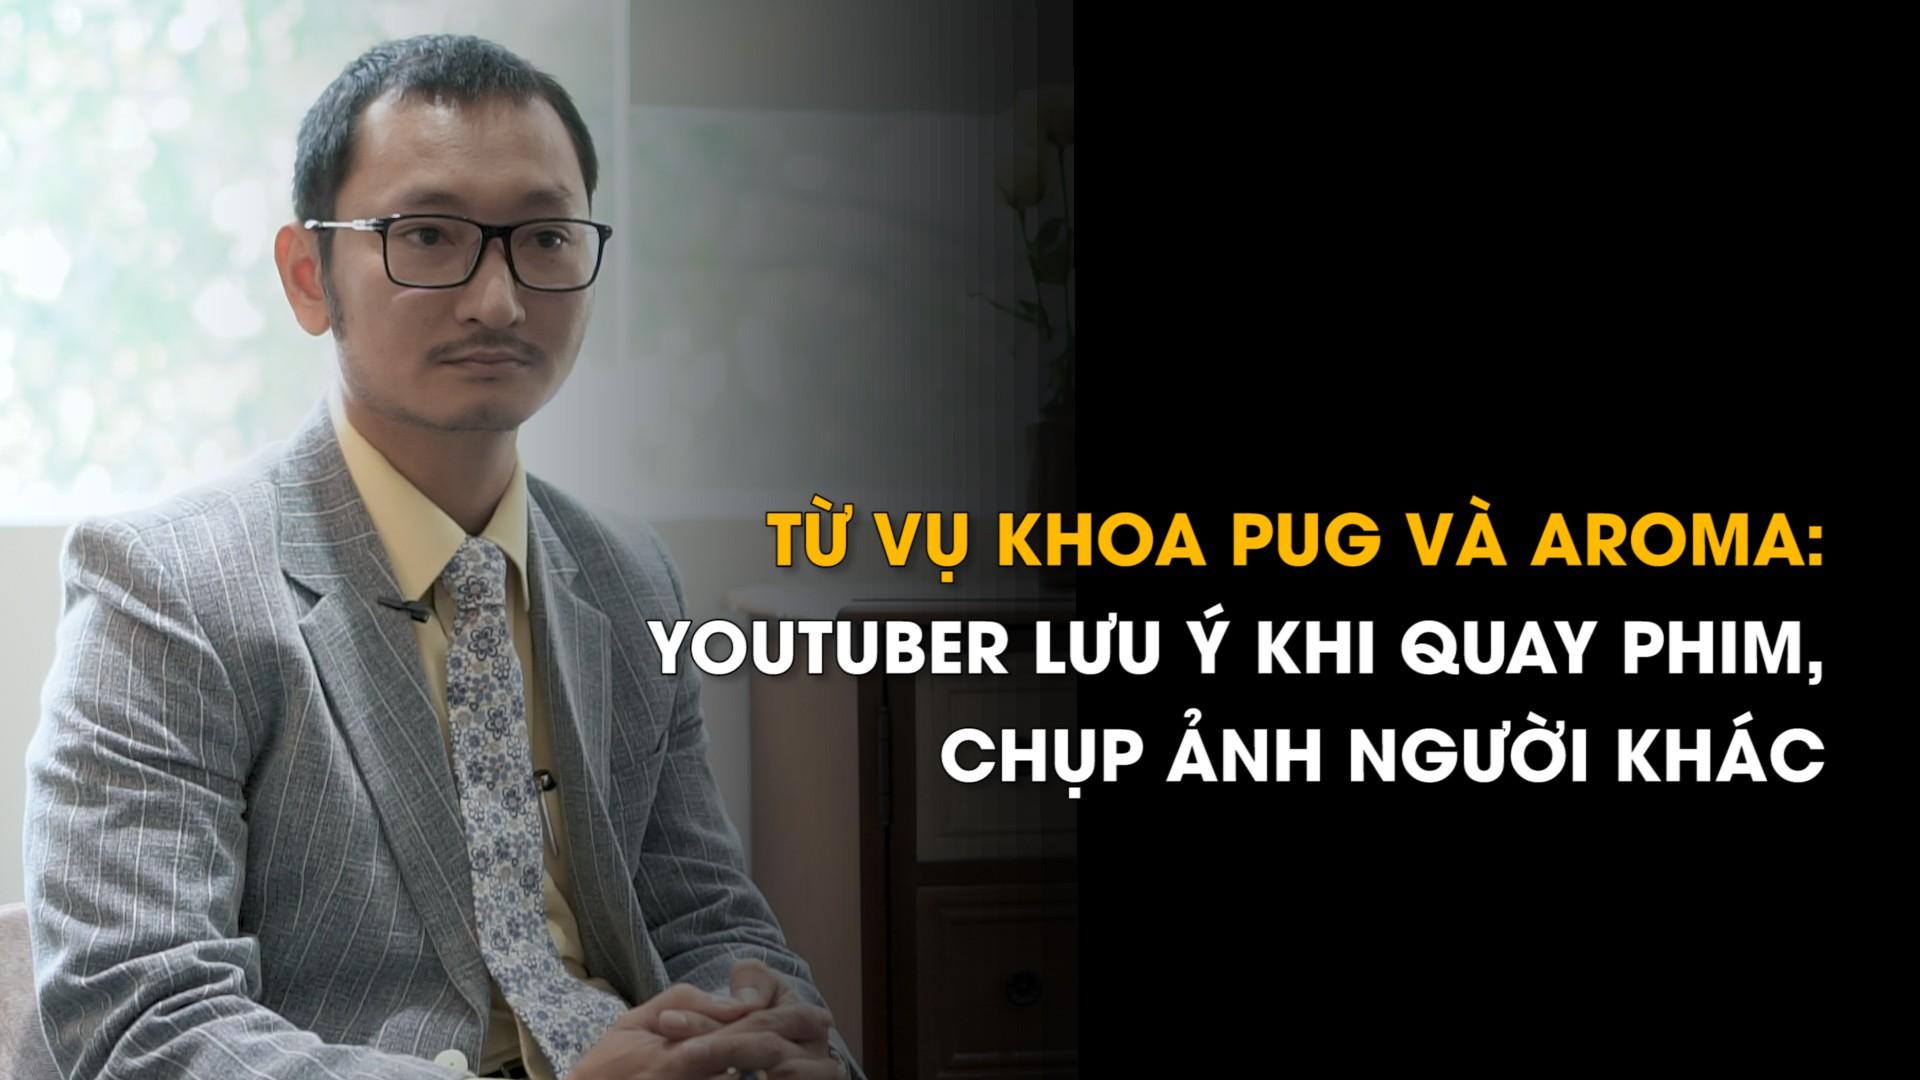 Từ vụ Khoa Pug và Aroma: YouTuber lưu ý khi đăng tải hình ảnh người khác lên mạng   Phóng sự   Báo Thanh Niên